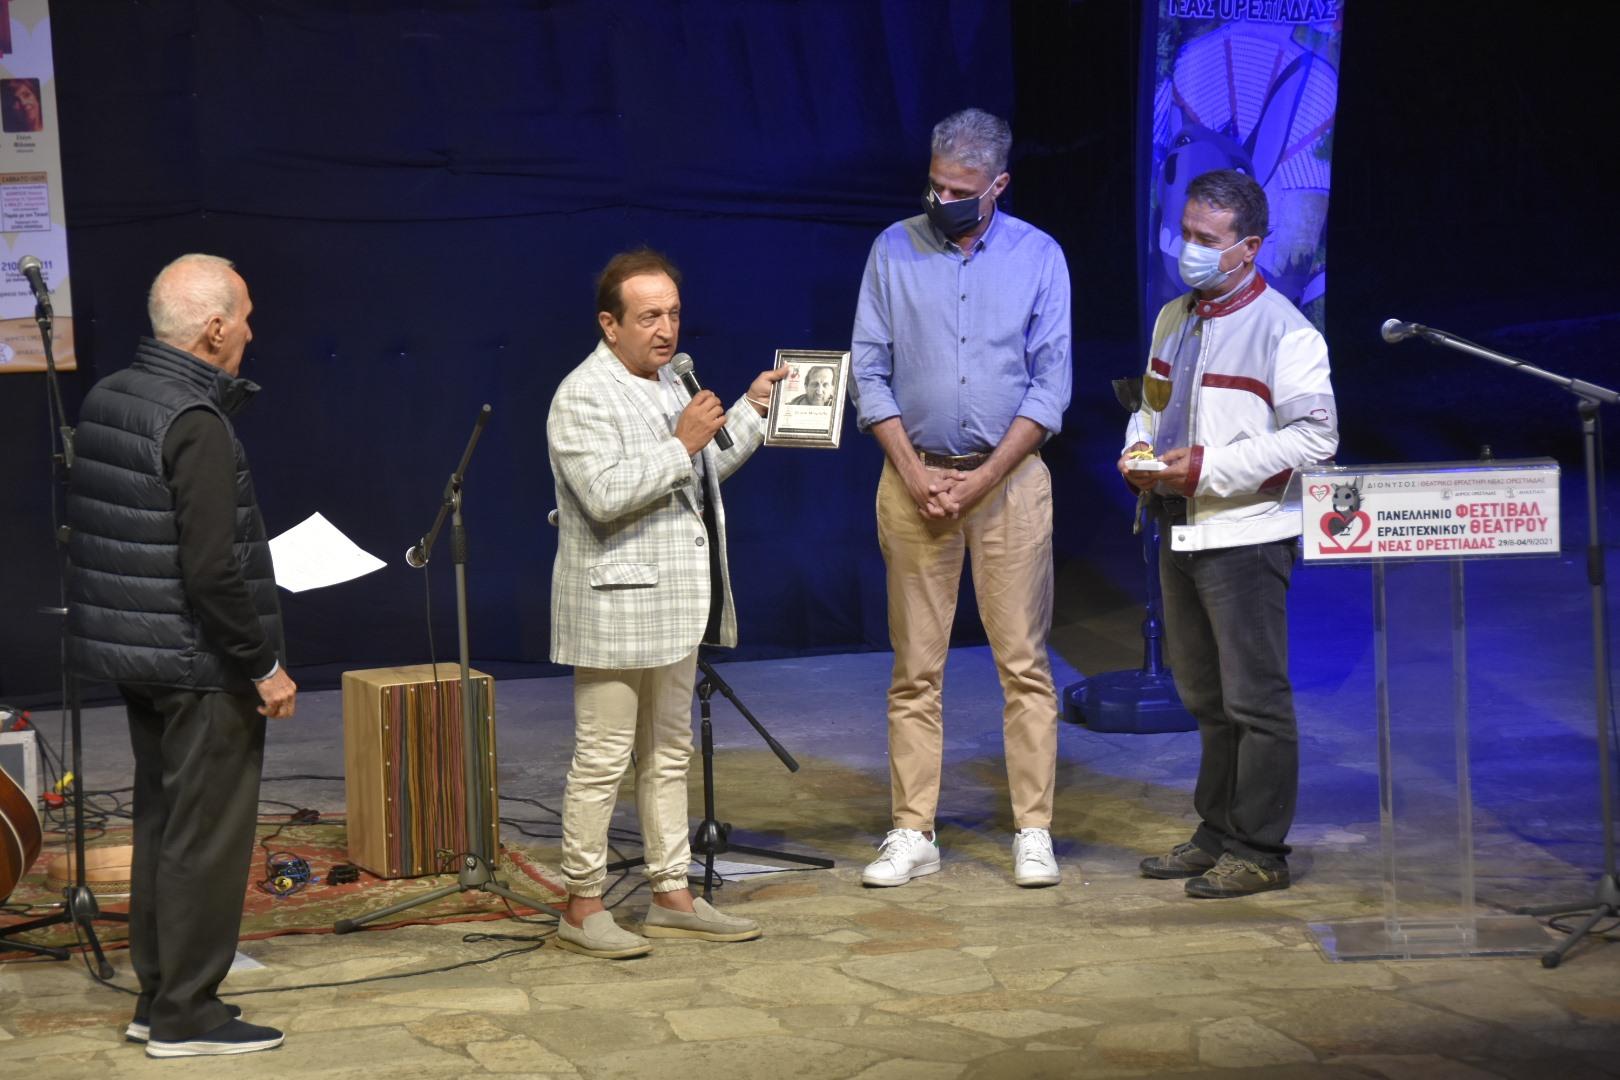 """Τα φώτα έσβησαν, η αυλαία """"έπεσε""""· το Γκατζολάκι τίμησε και φέτος το Θέατρο με τους εραστές της τέχνης"""